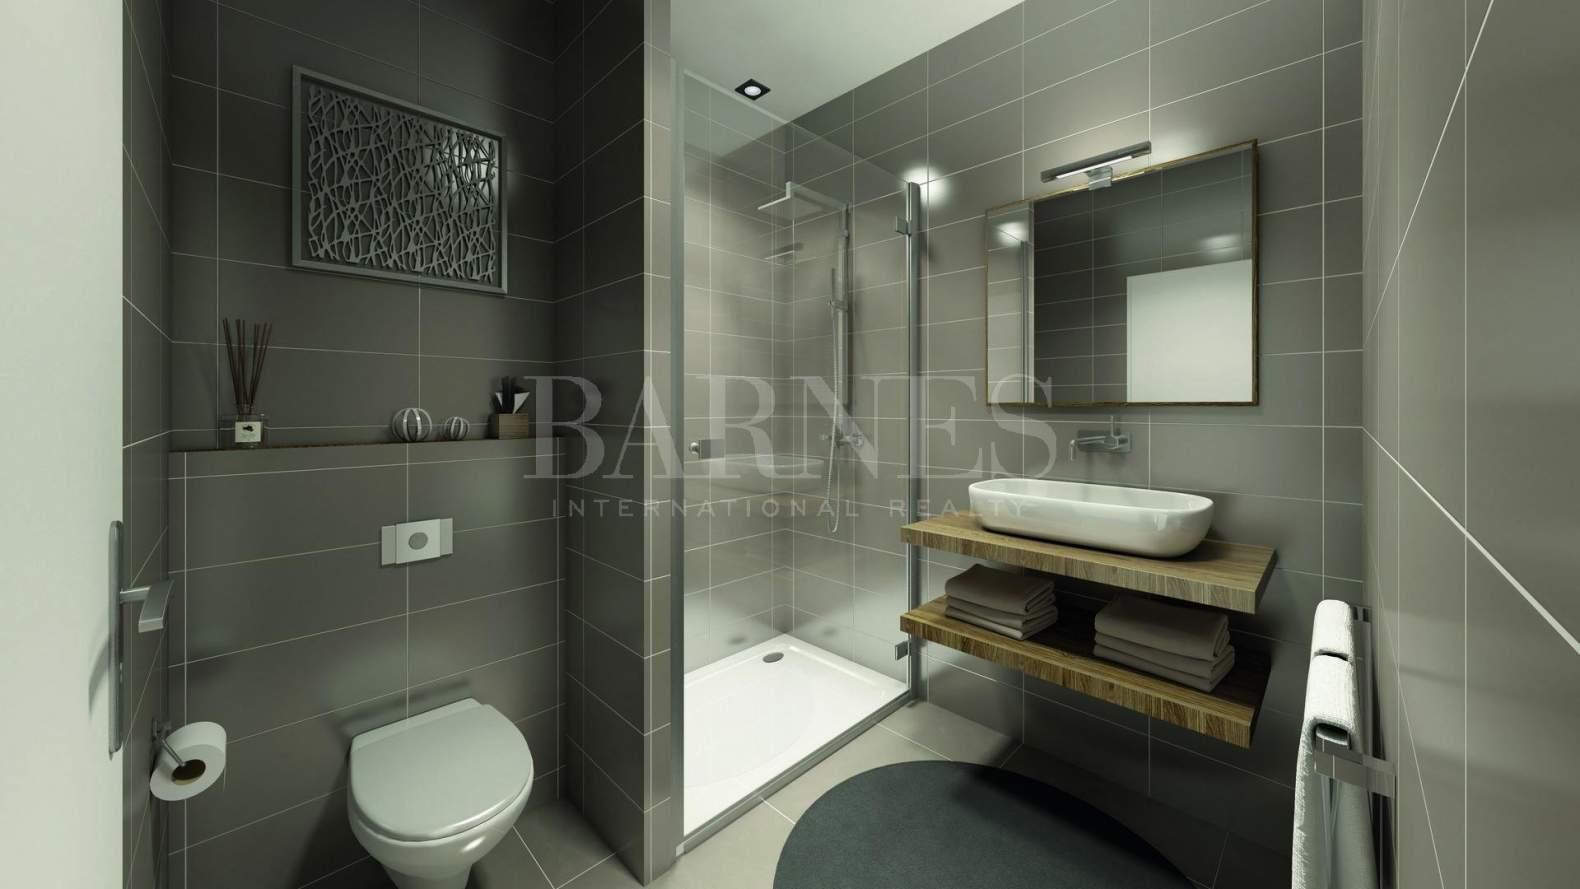 Courchevel  - Appartement 3 Pièces, 1 Chambre - picture 3